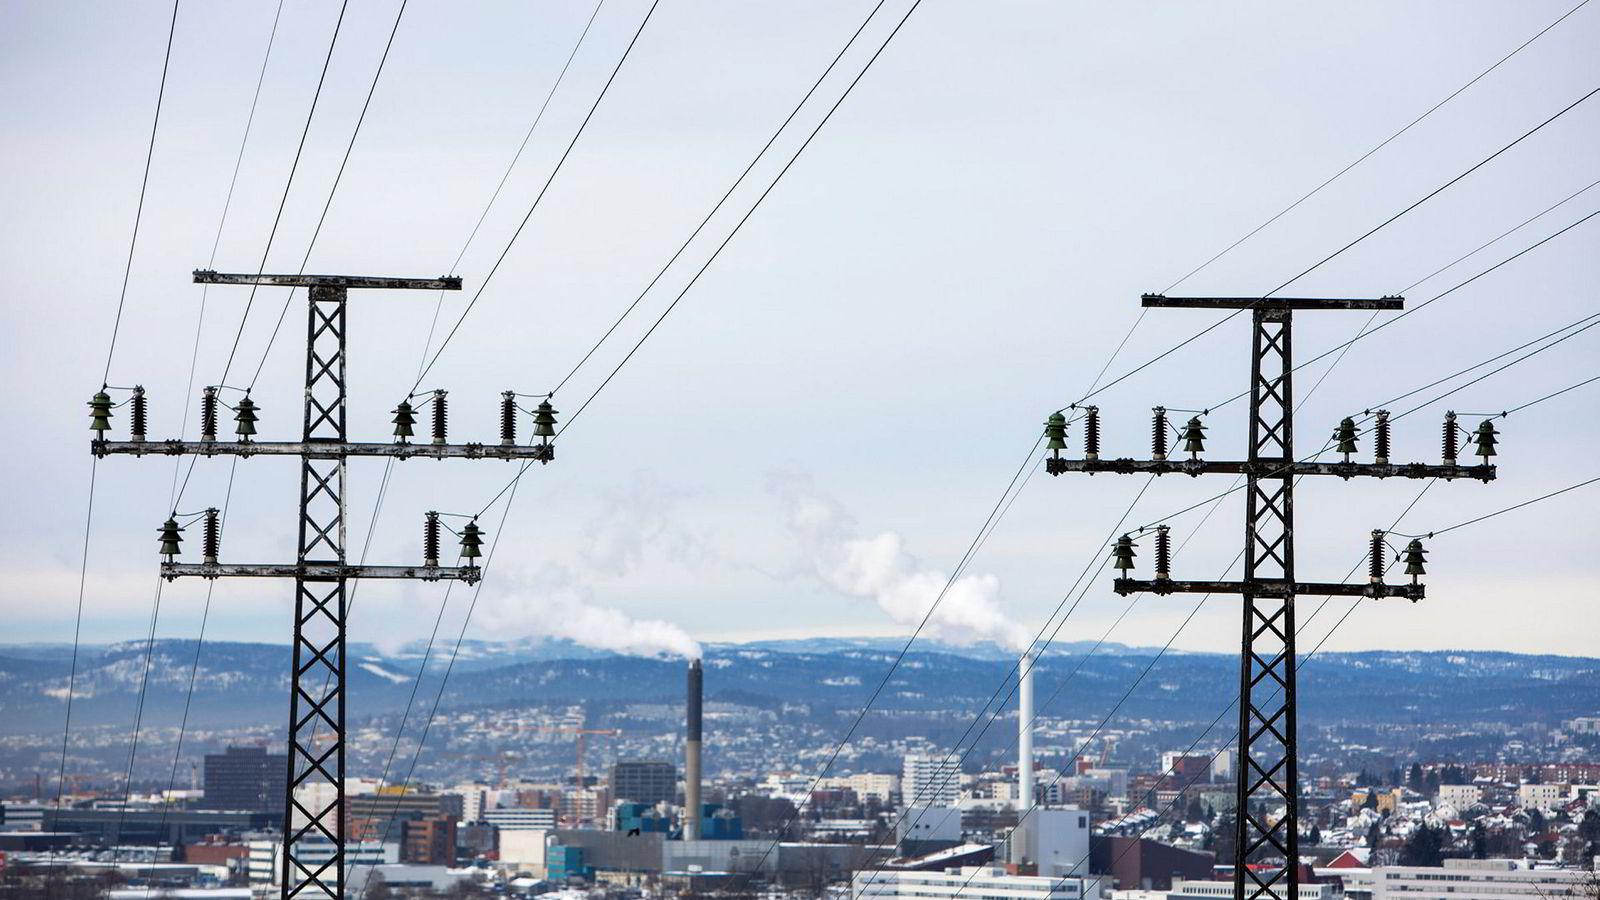 De siste månedene har gjennomsnittsprisen på strøm økt til over 50 øre per kilowattime.